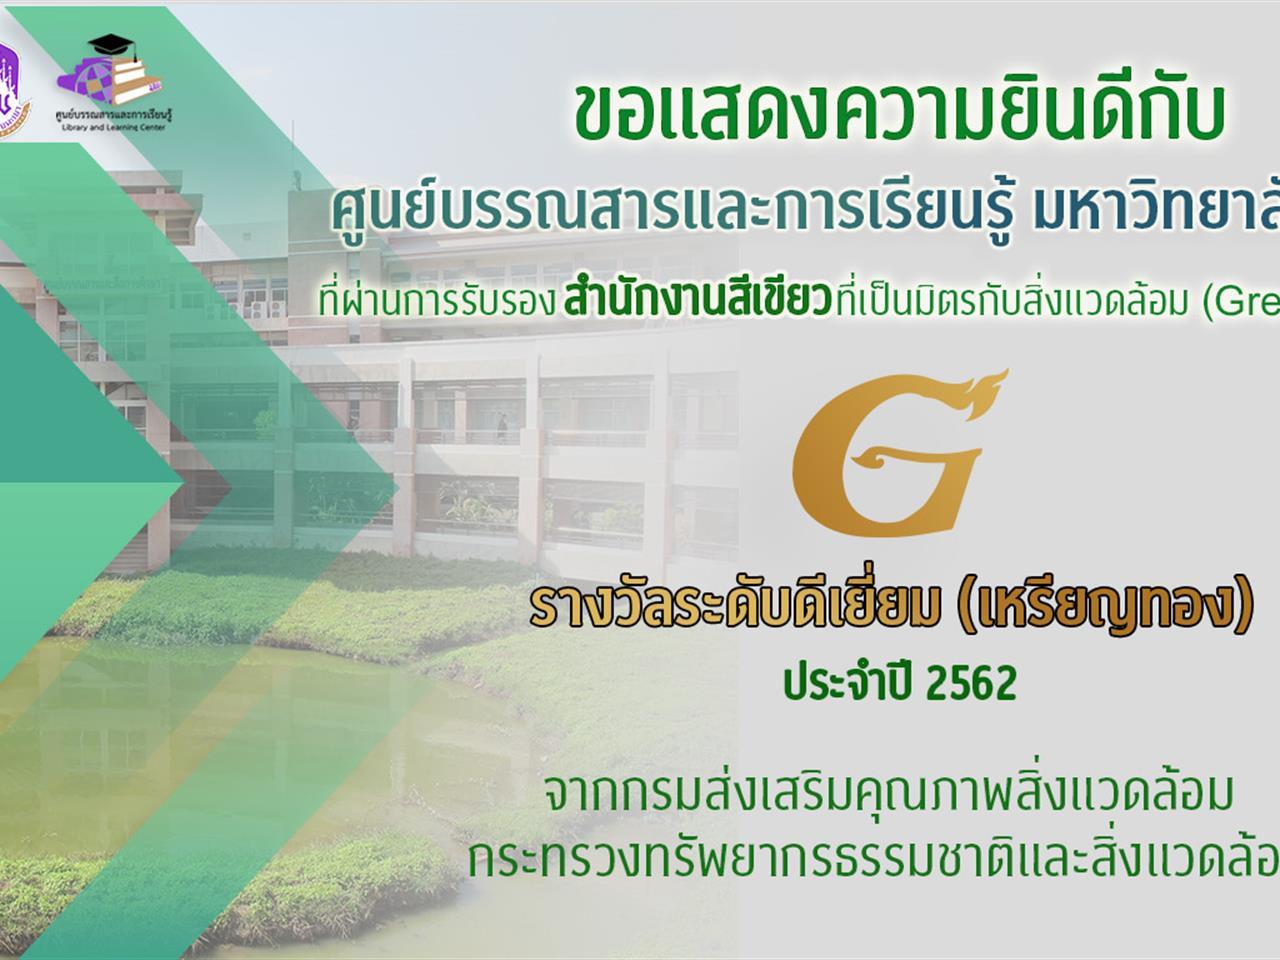 ศูนย์บรรณสารและการเรียนรู้ มหาวิทยาลัยพะเยา ผ่านการรับรองสำนักงานสีเขียวที่เป็นมิตรกับสิ่งแวดล้อม (Green Office) ประจำปี 2562 รางวัลระดับเหรียญทอง